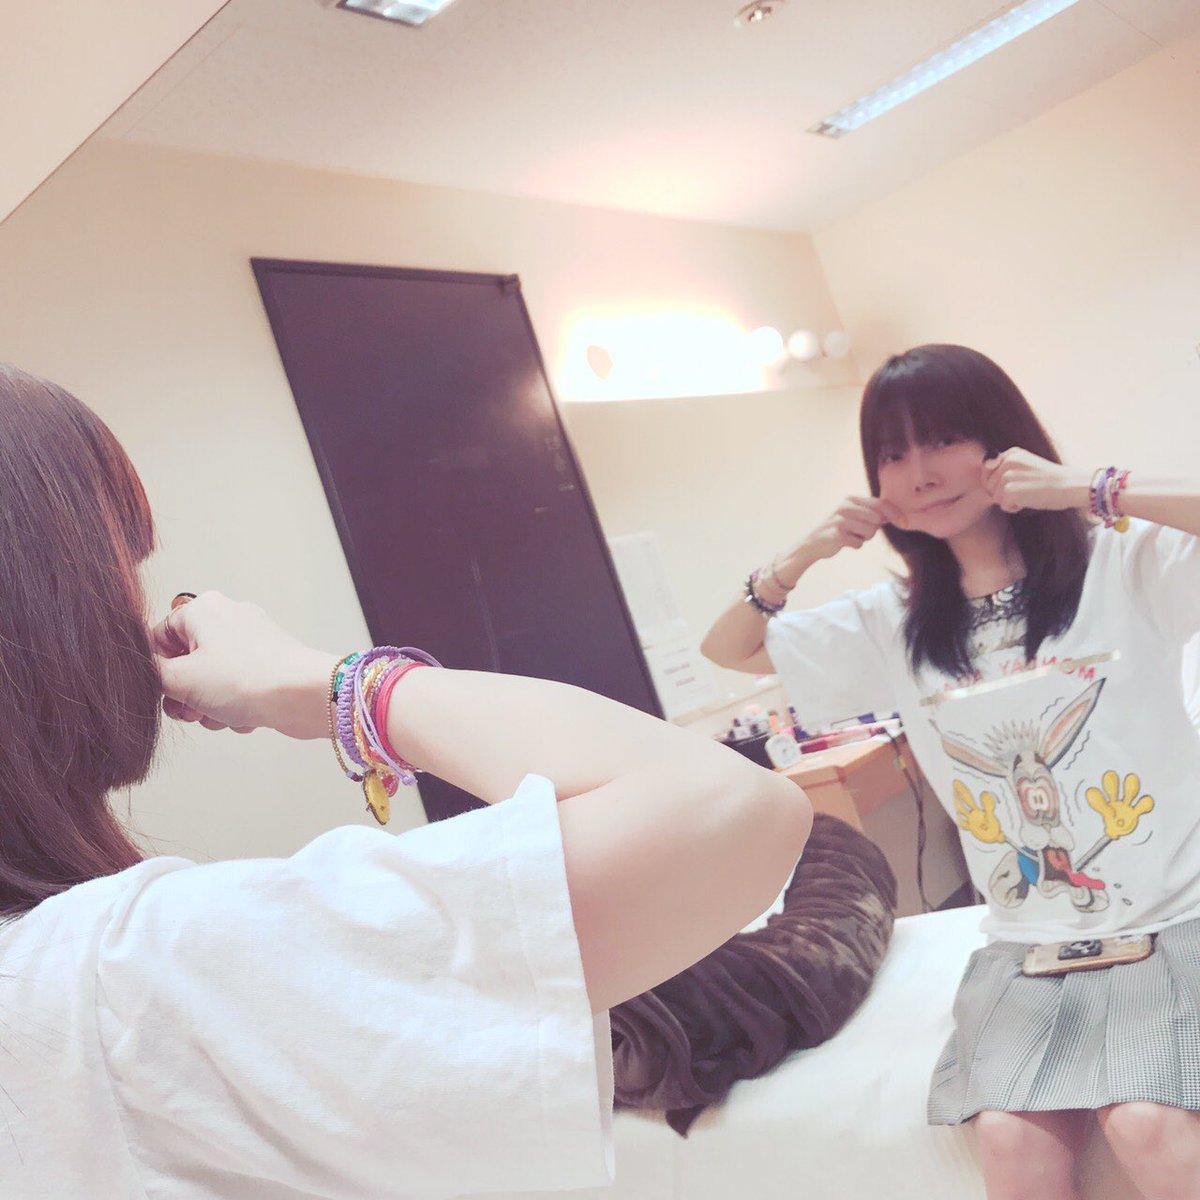 新潟ライブ2日目終わりました! 暑すぎてみんなでおかゆになりました。でもそれはそれはとても美味しい✨…